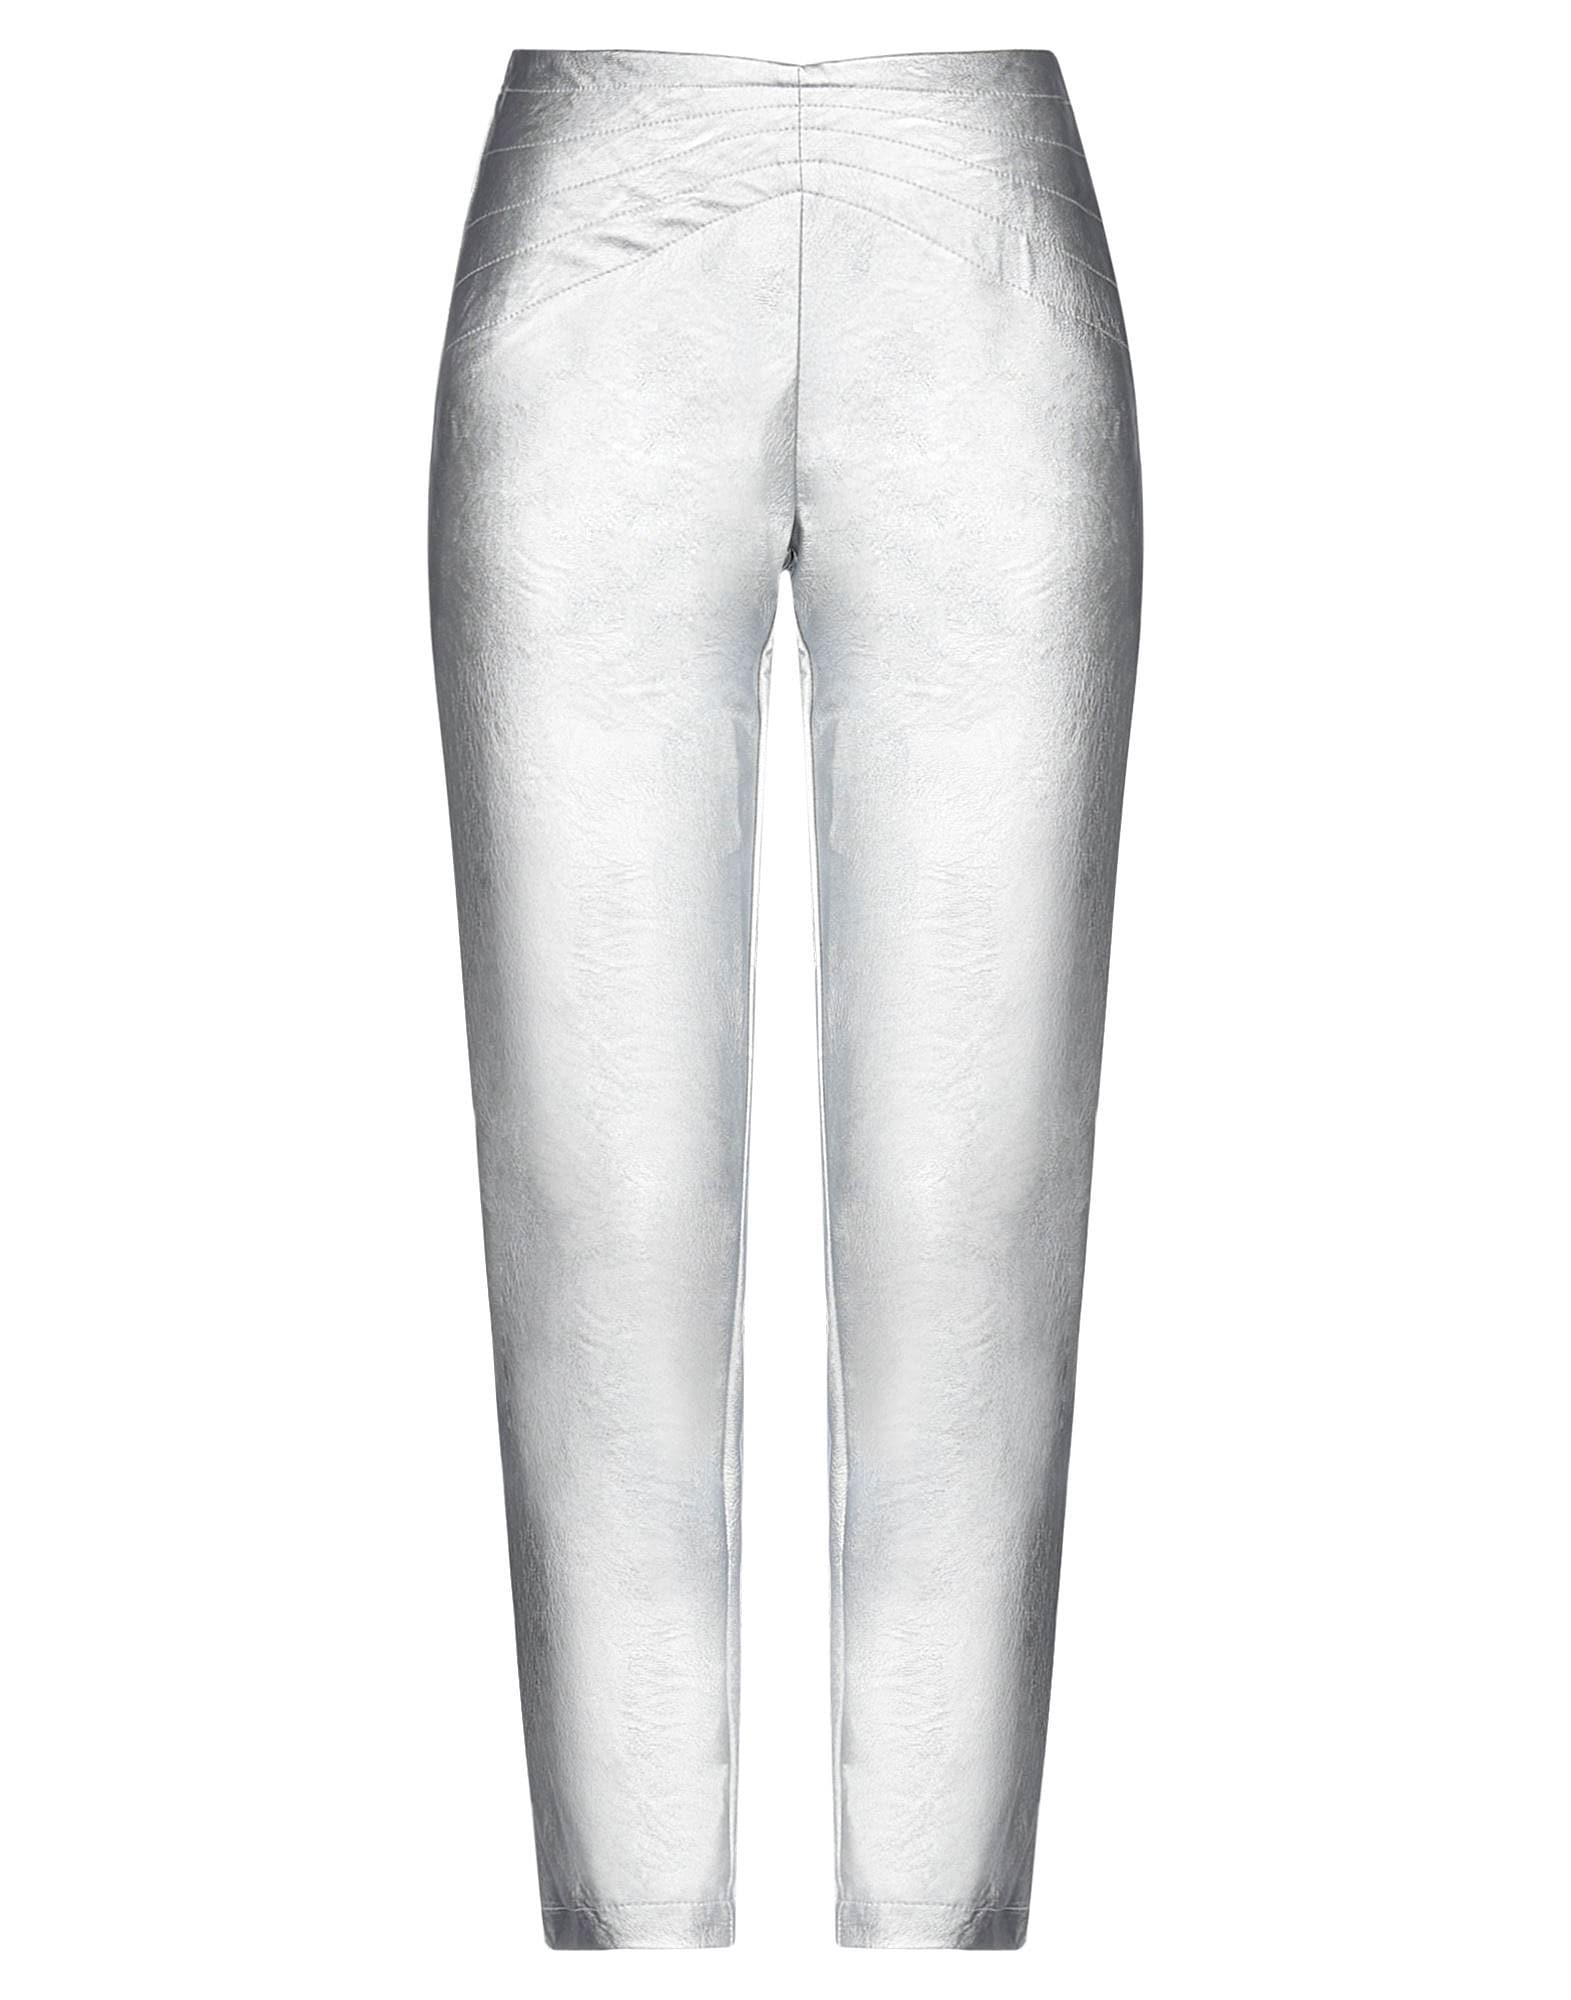 Pantalones de tiro alto con efecto piel metalizada